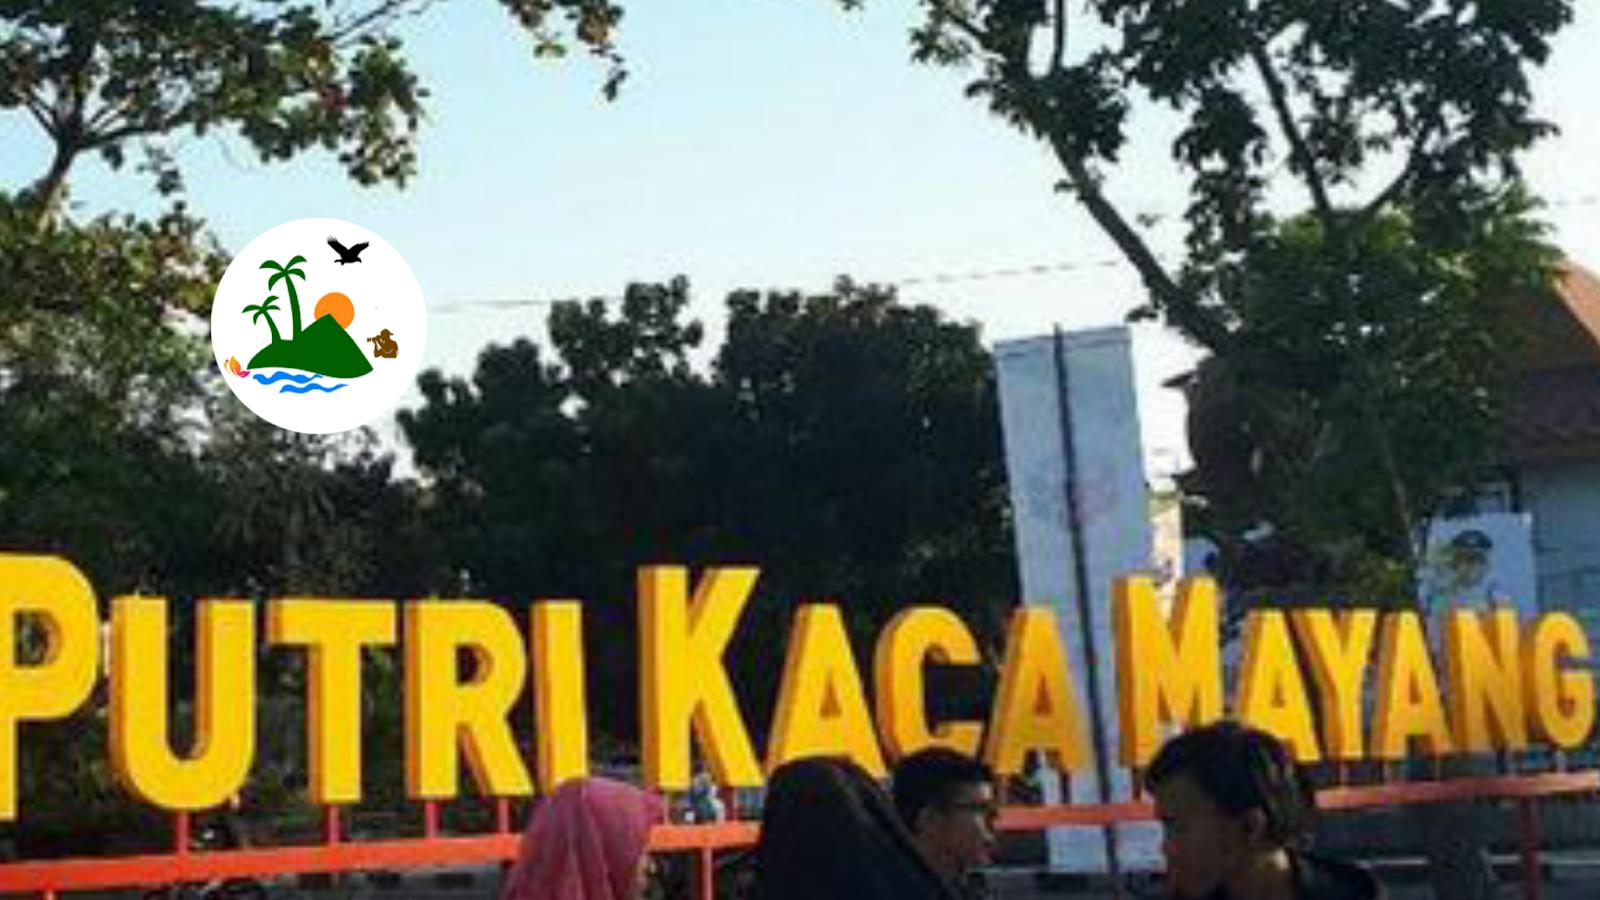 7 Wisata Kota Pekanbaru 2018 Terbaru Wajib Dikunjungi Piknikglobal Ruang